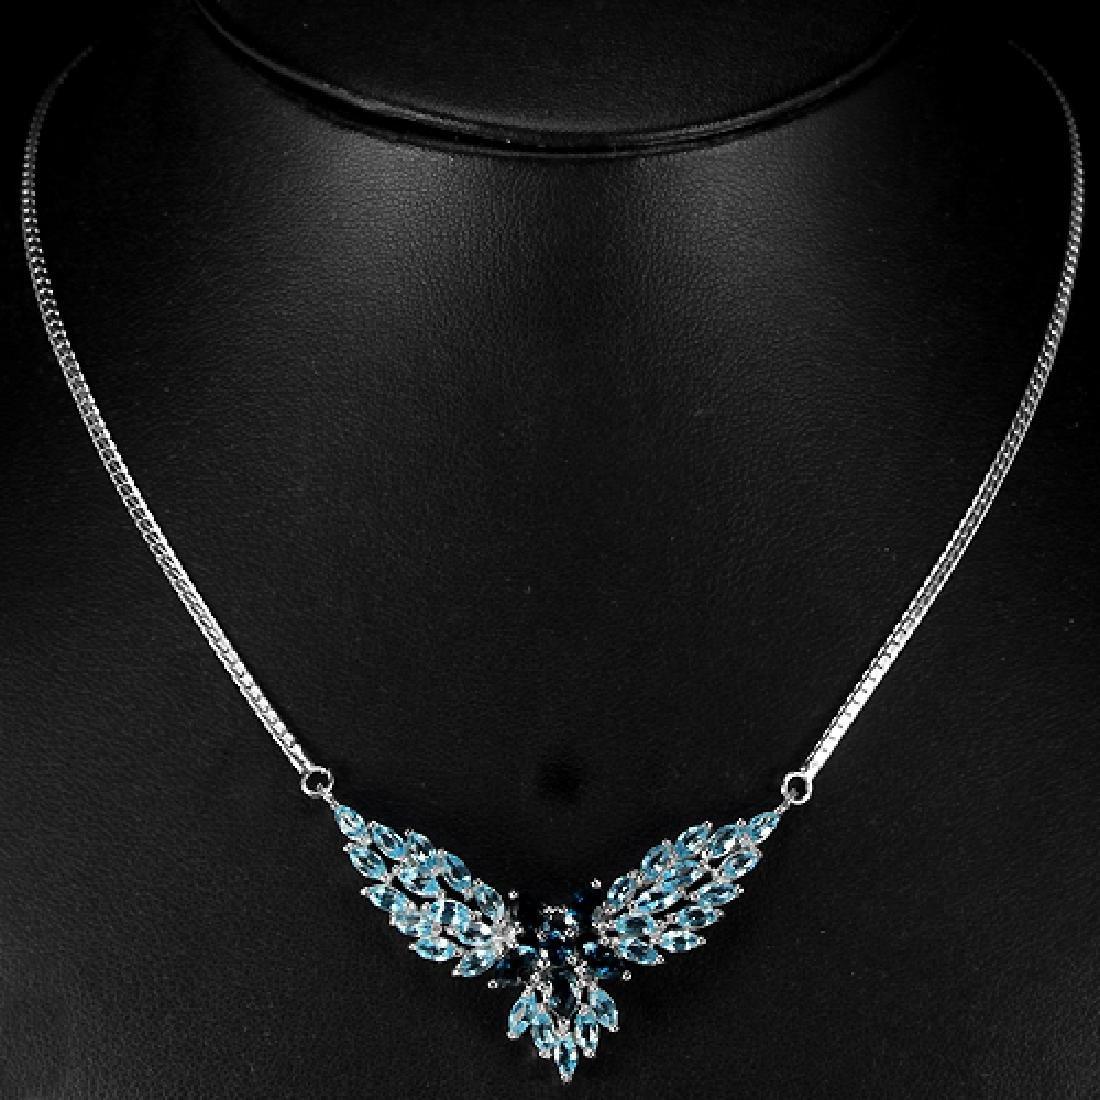 Natural Sky & London Blue Topaz Necklace - 2